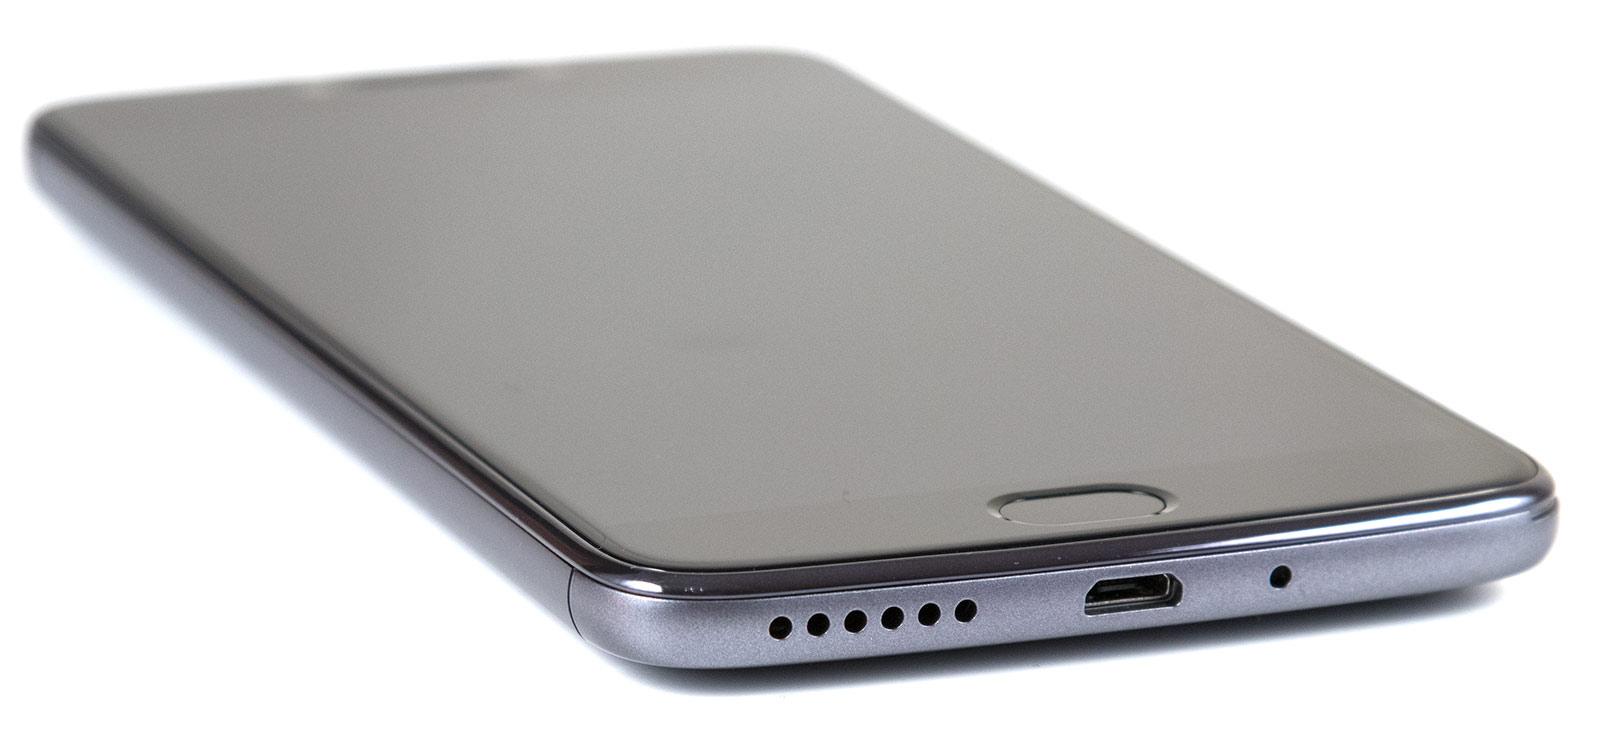 Обзор смартфона Moto E Plus: 5000 мАч в тонком корпусе - 9